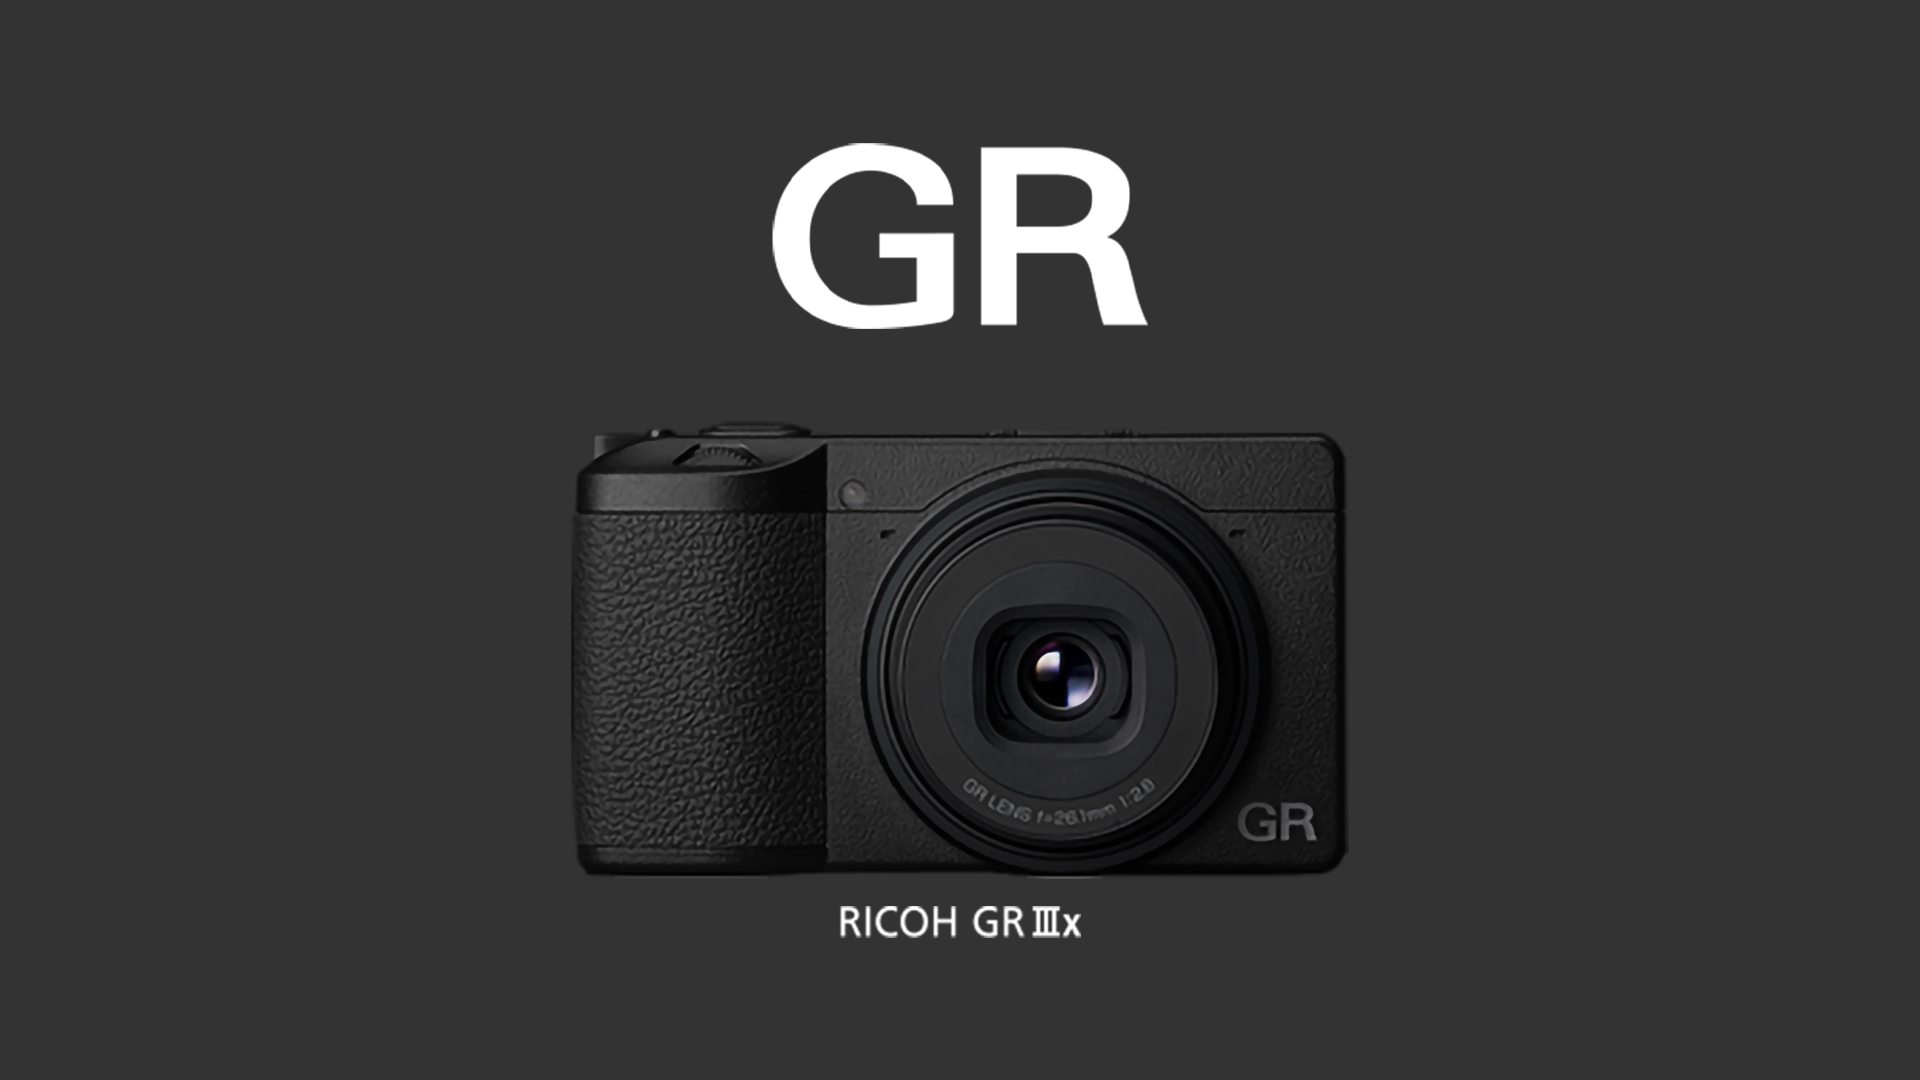 RICOH、GR IIIxを発表!換算40mmになってかなり使いやすそう